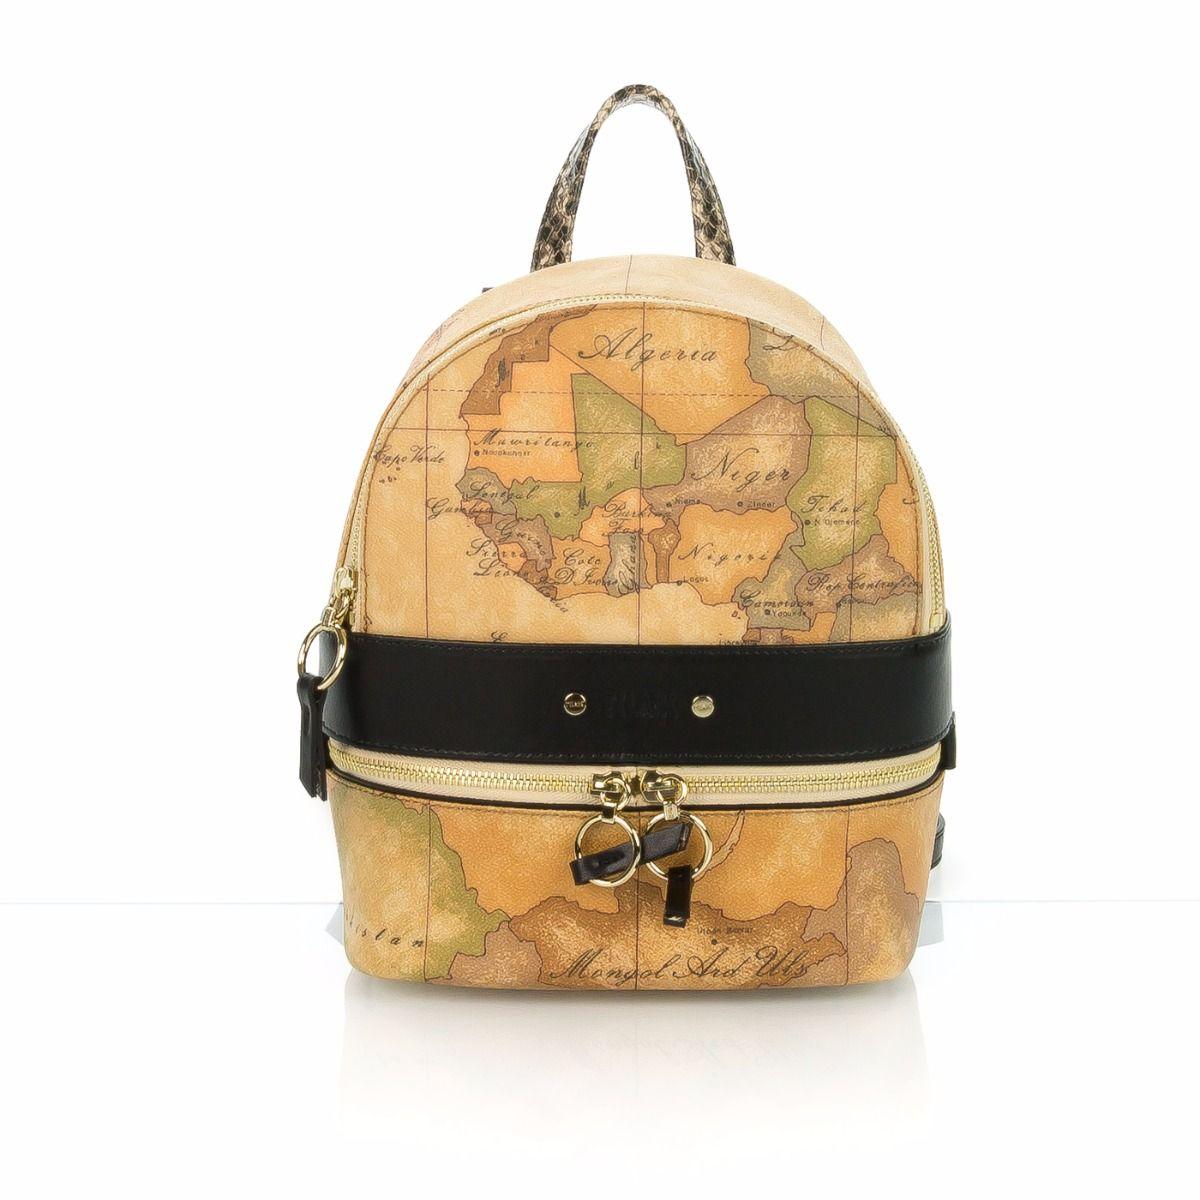 ff72f5648d Zainetto donna ALVIERO MARTINI 1^ CLASSE GI25G516-001 geo classic  nero|Spedizione gratuita|Shop online|Shoe Center